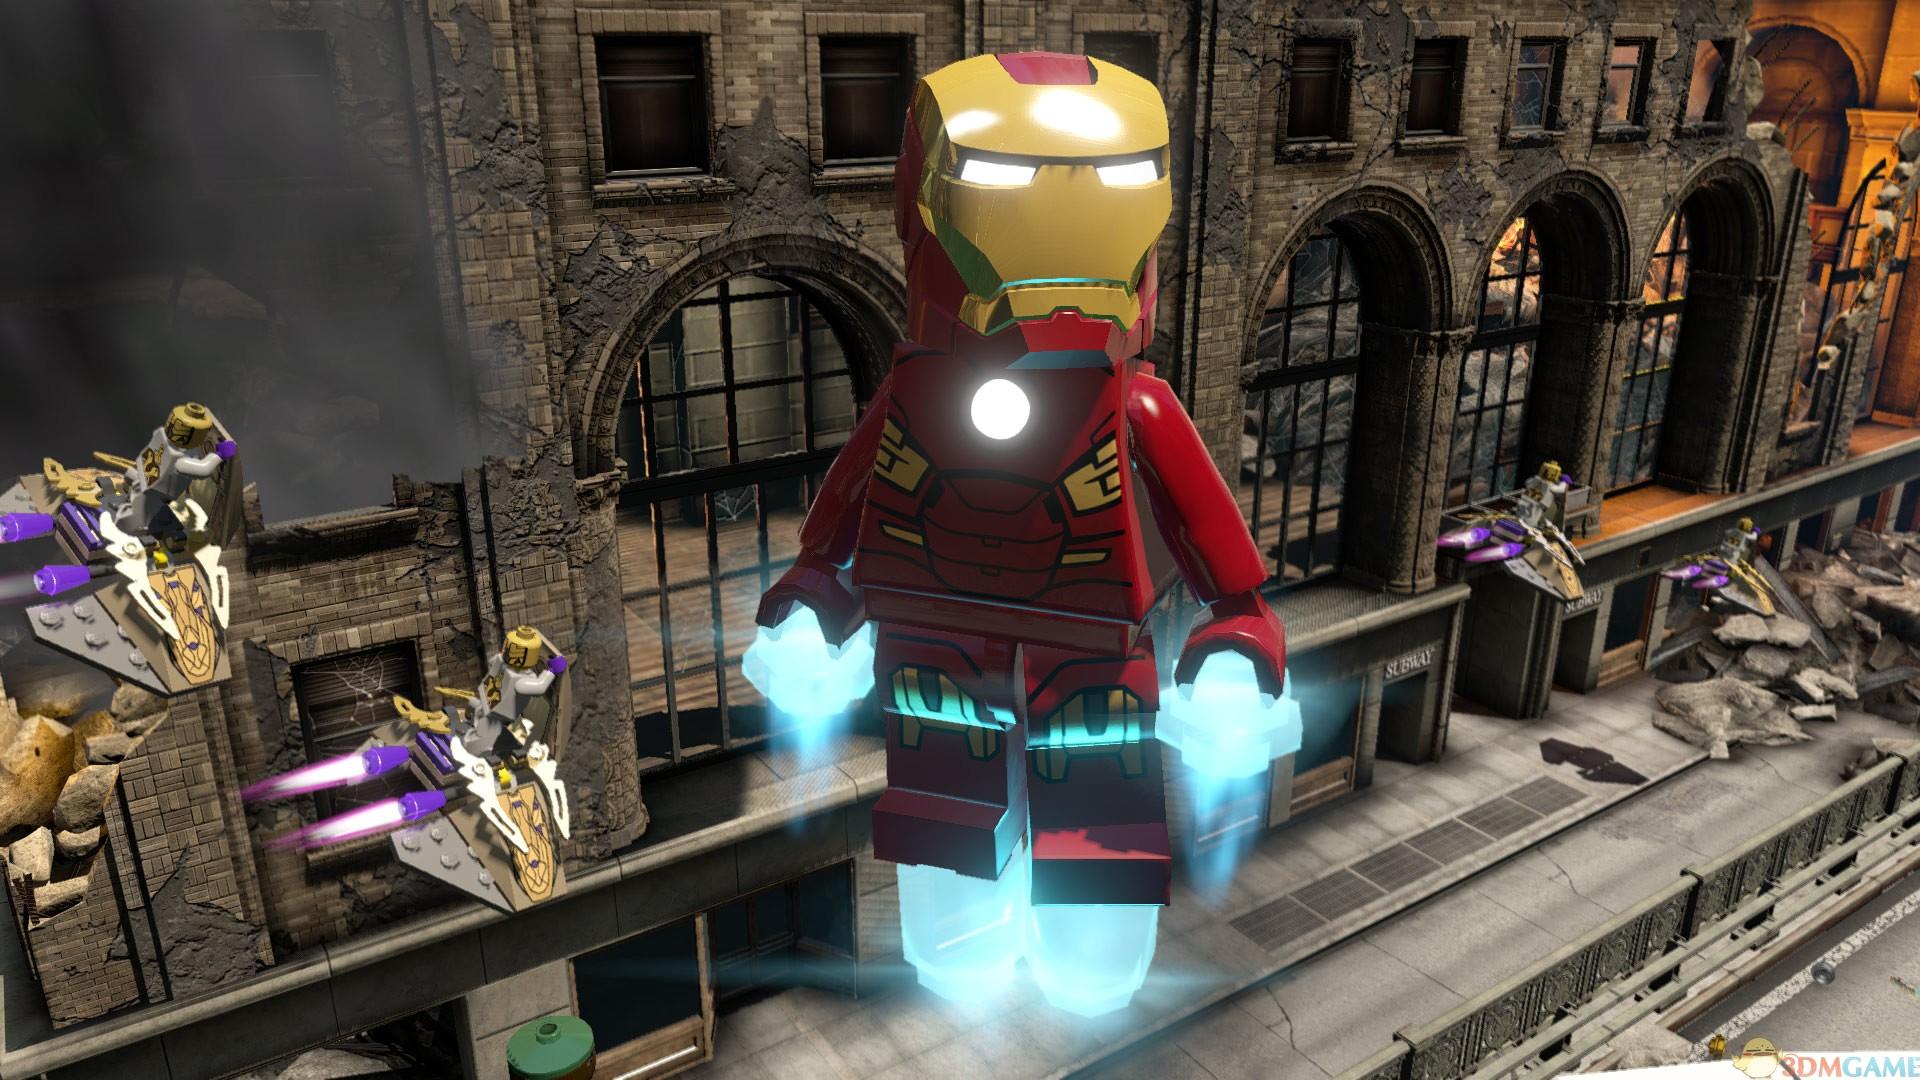 《乐高复仇者联盟》豪华版 3dm免安装破解版发布 Www 3dmgame Com